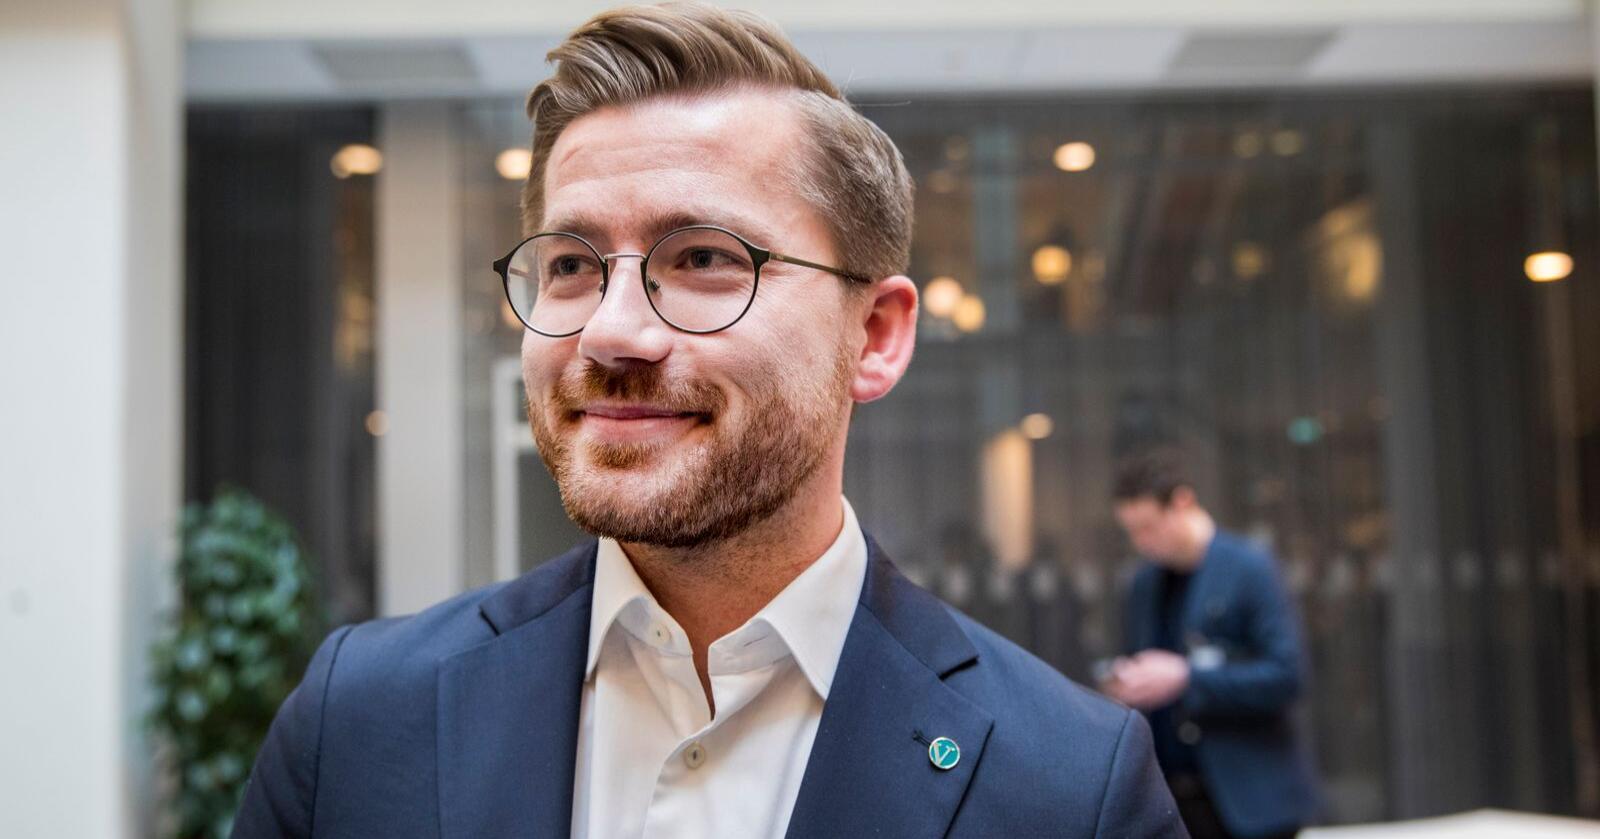 Rekordmange kommuner har søkt om klimastøtte fra staten. klima- og miljøminister Sveinung Rotevatn påpeker at det er viktig at kommunene bidrar for å gjøre Norge mer klimavennlig. Foto: Terje Pedersen / NTB scanpix